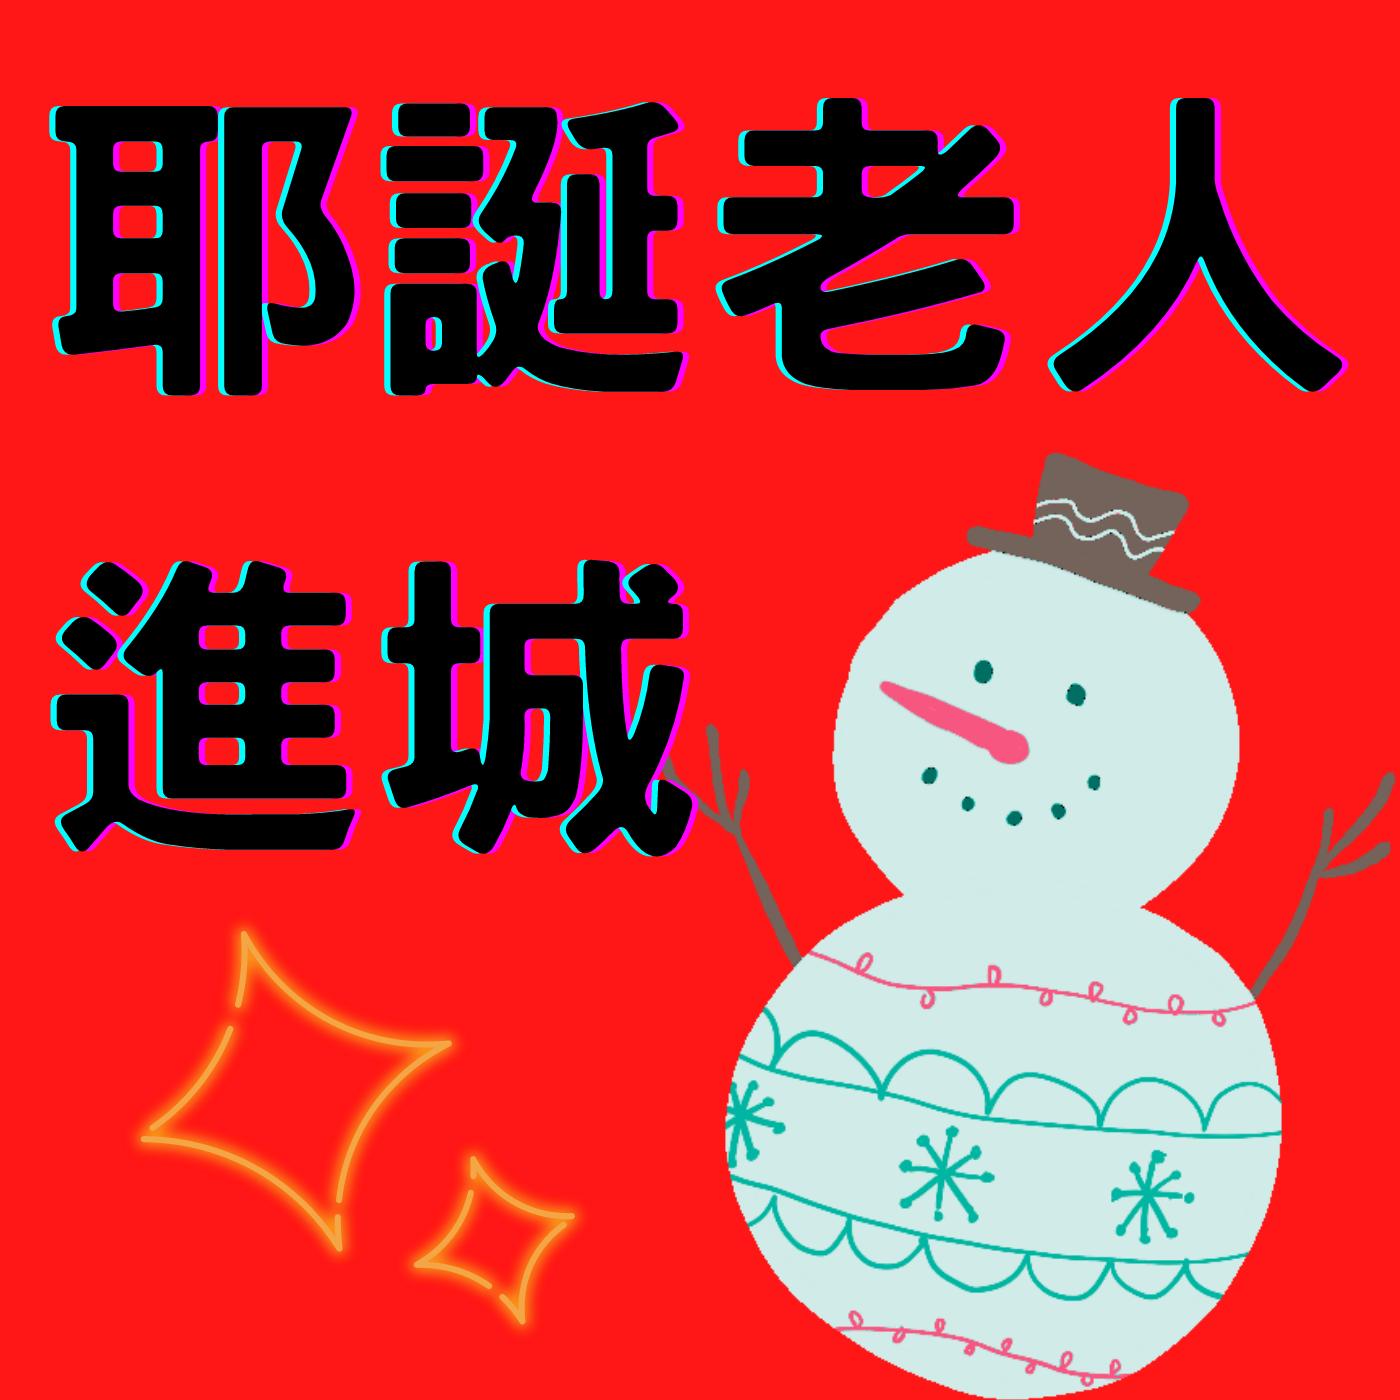 【廖邦豪】We Wish You a Merry Christmas (複製)